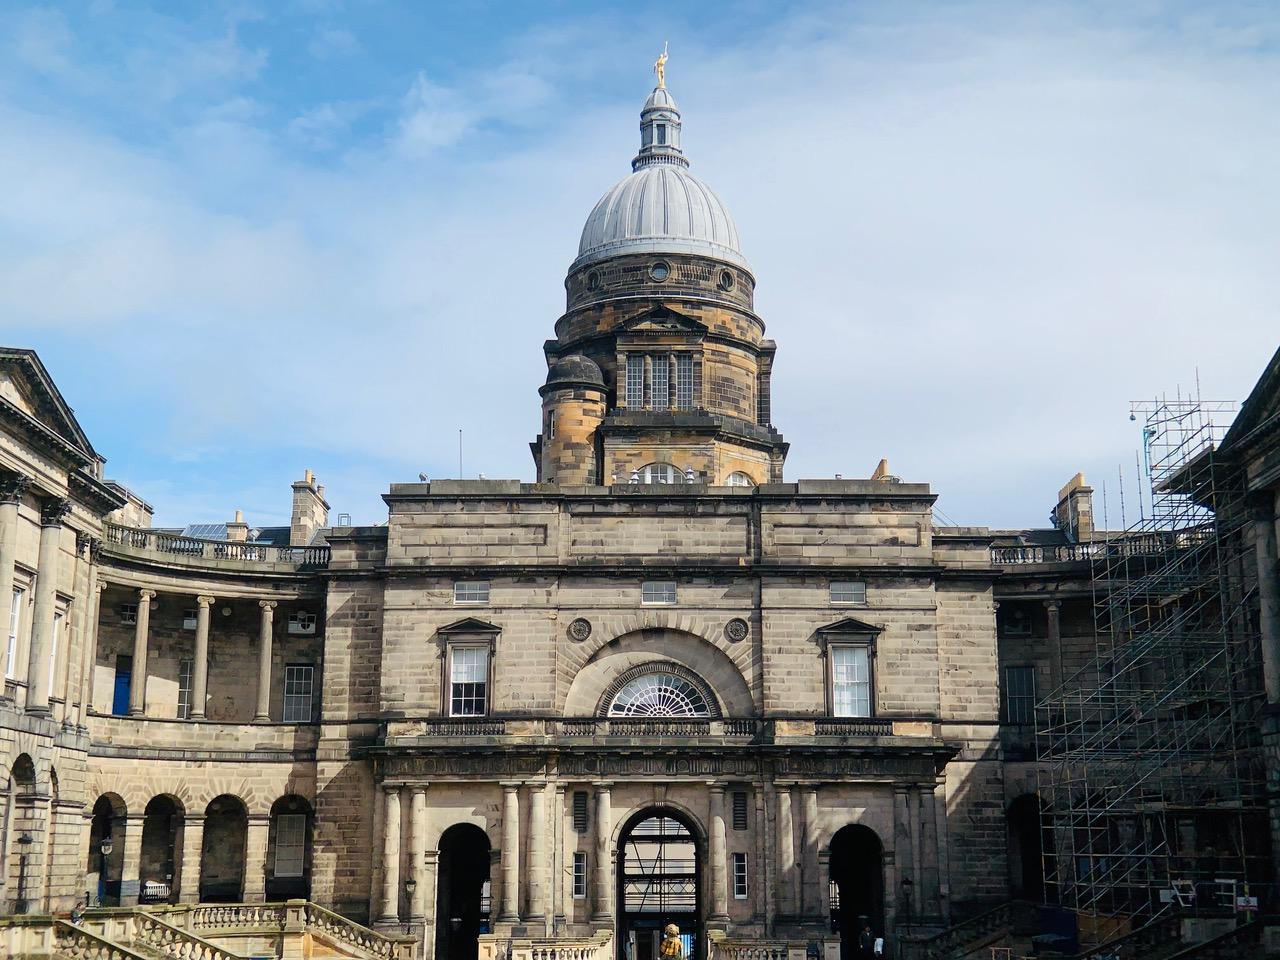 スコットランド国立博物館の隣にあるオールドカレッジ